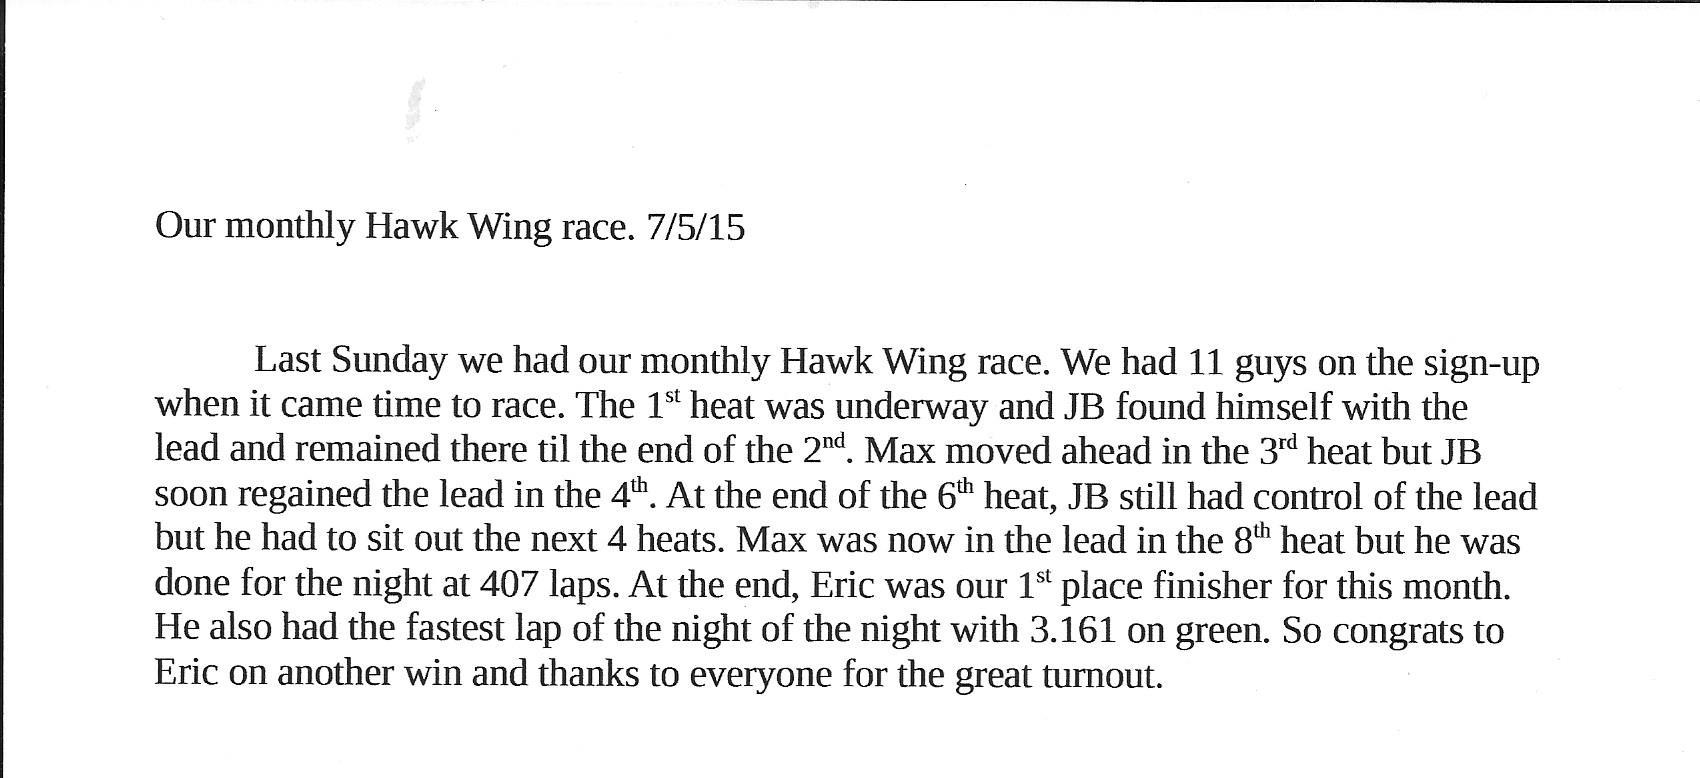 hawk wing reprint 7515.jpg